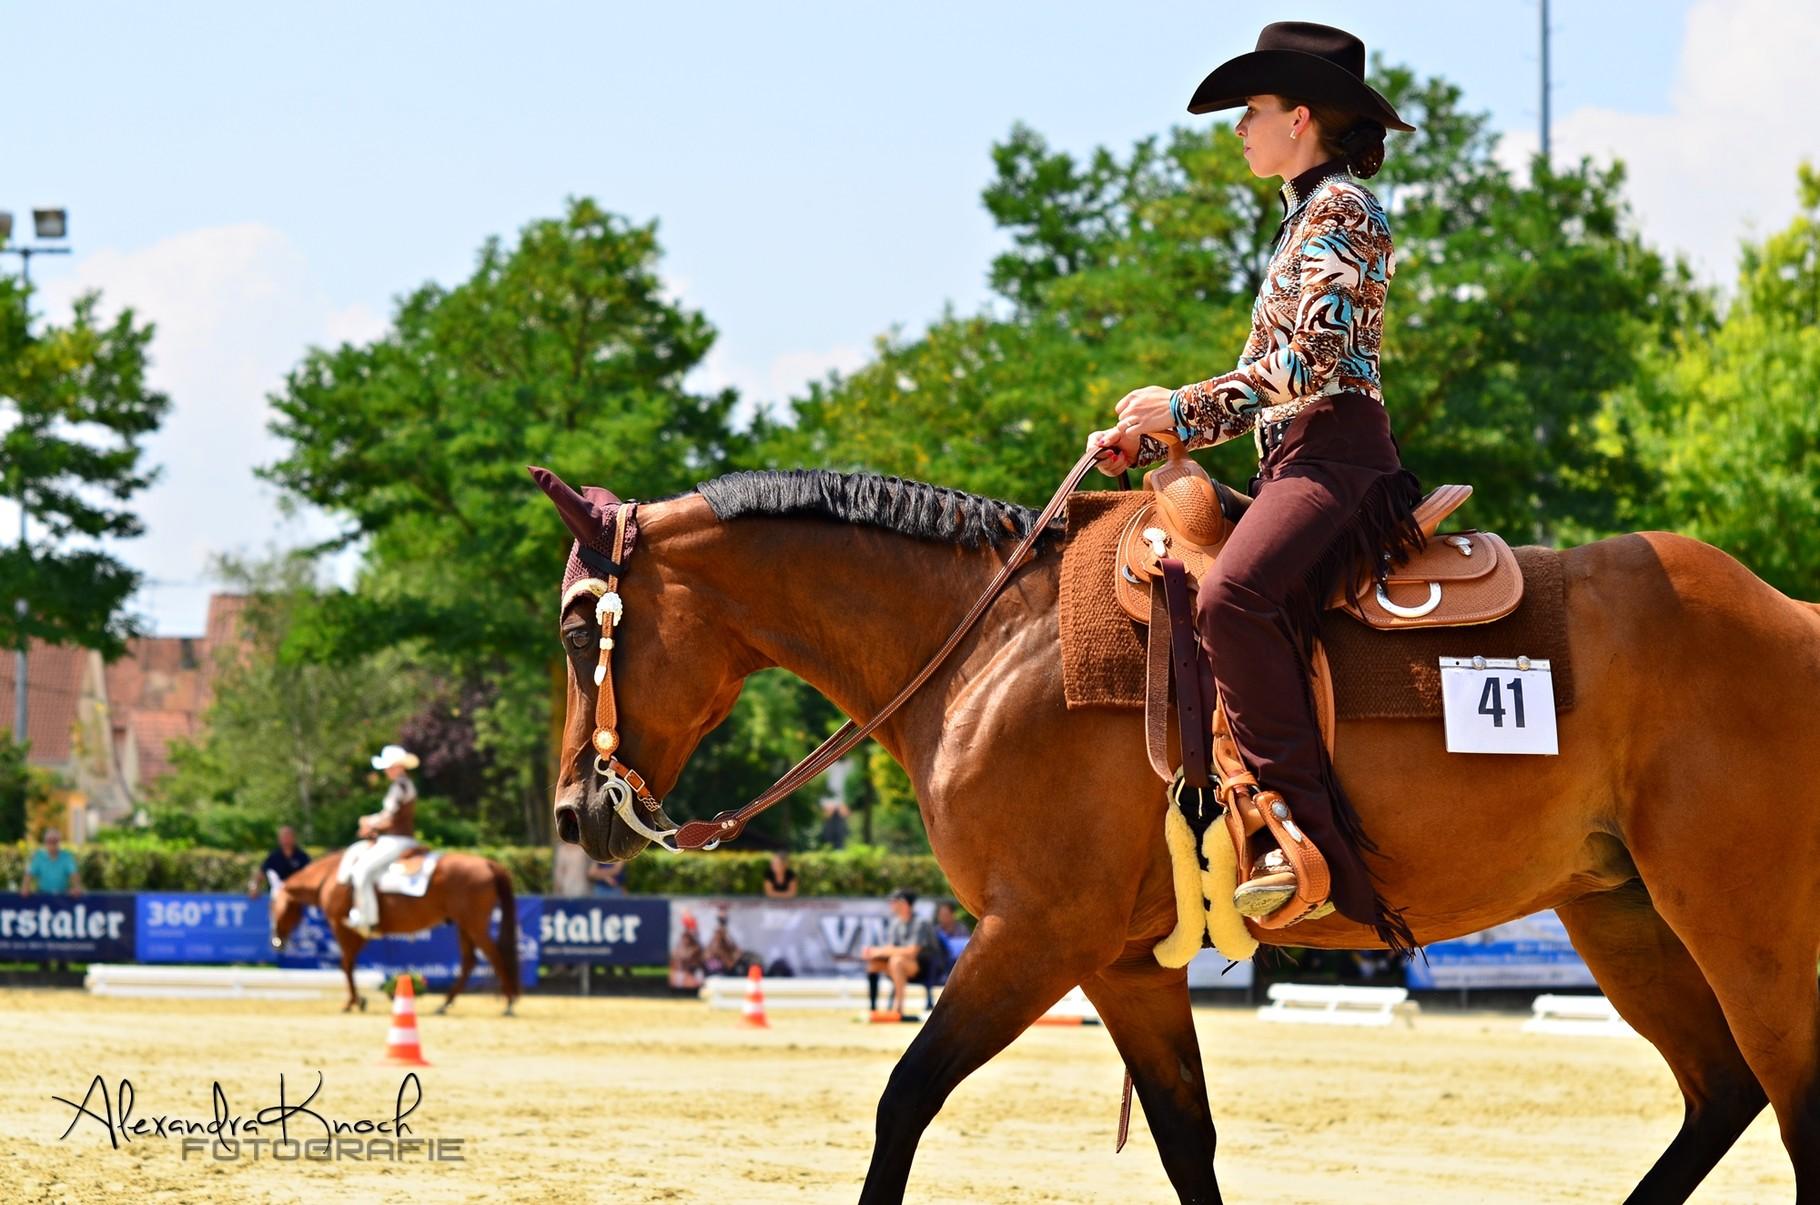 EWU Landesmeisterschaft 2015 - Horsemanship